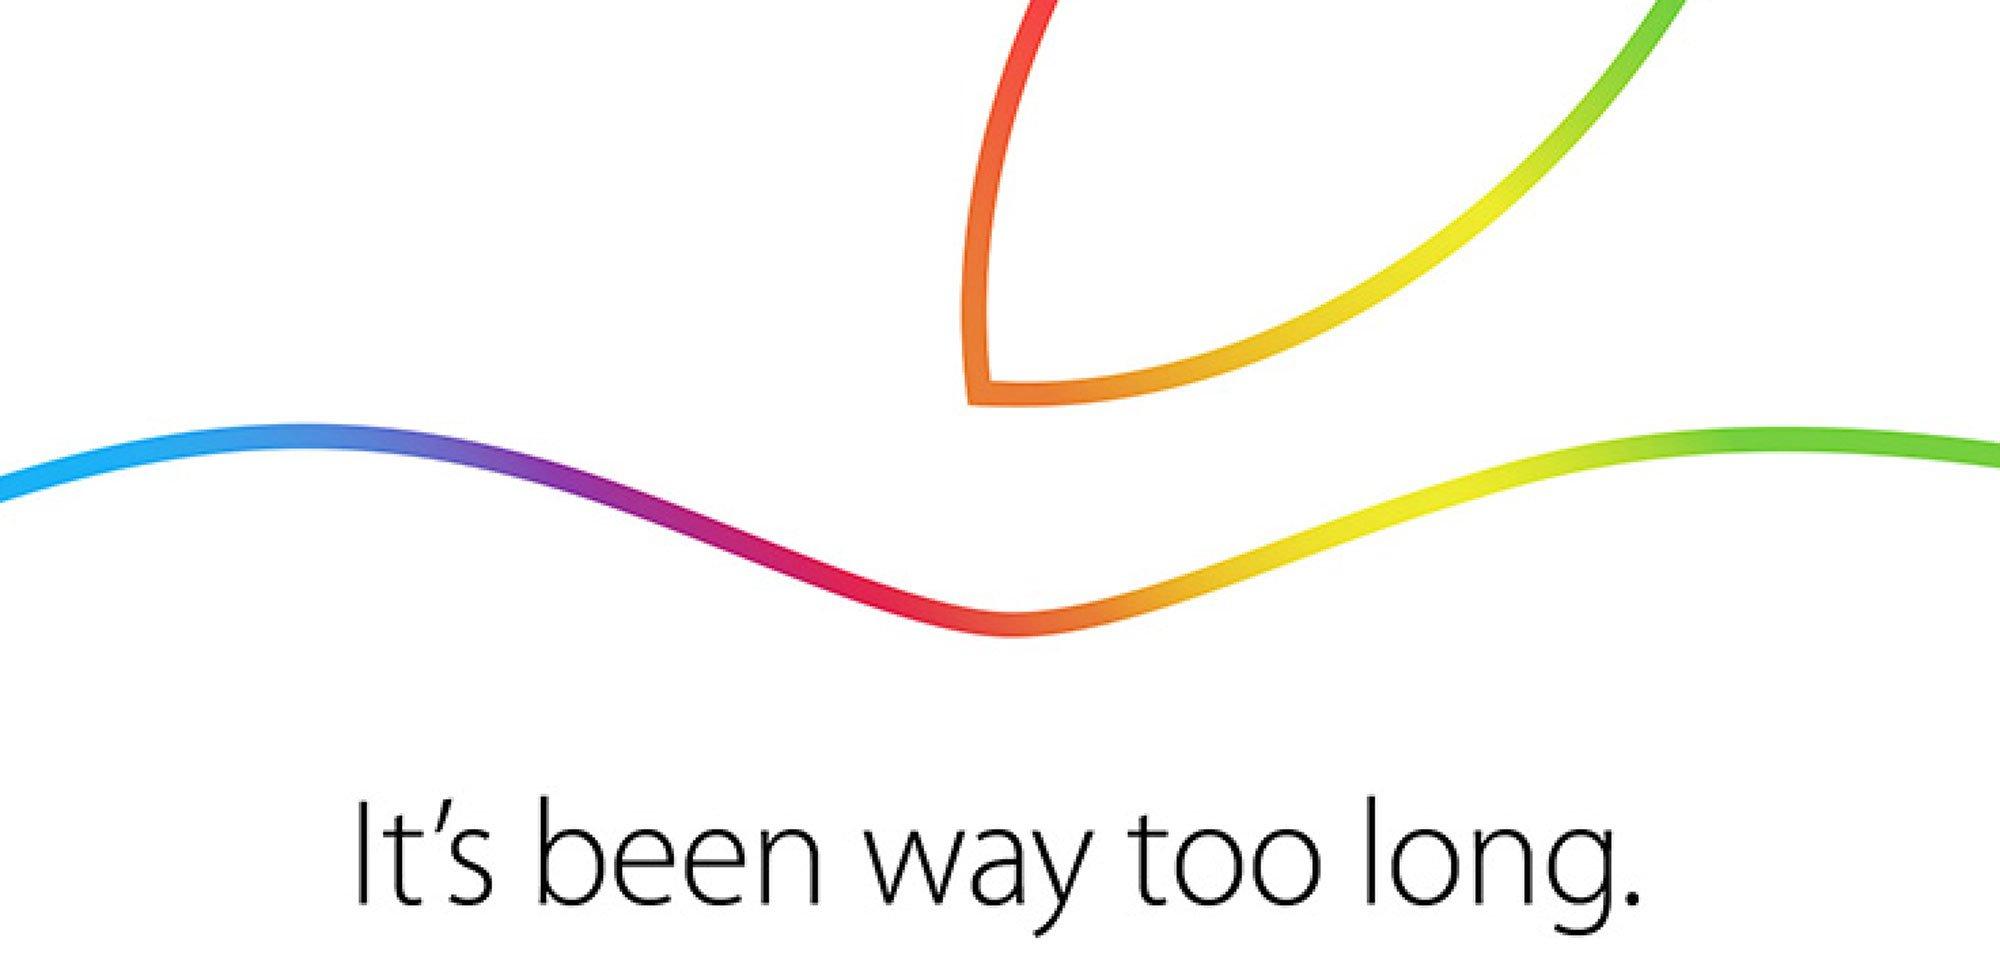 Apple Event Keynote 16.10.2014: Es hat viel zu lange gedauert! 1